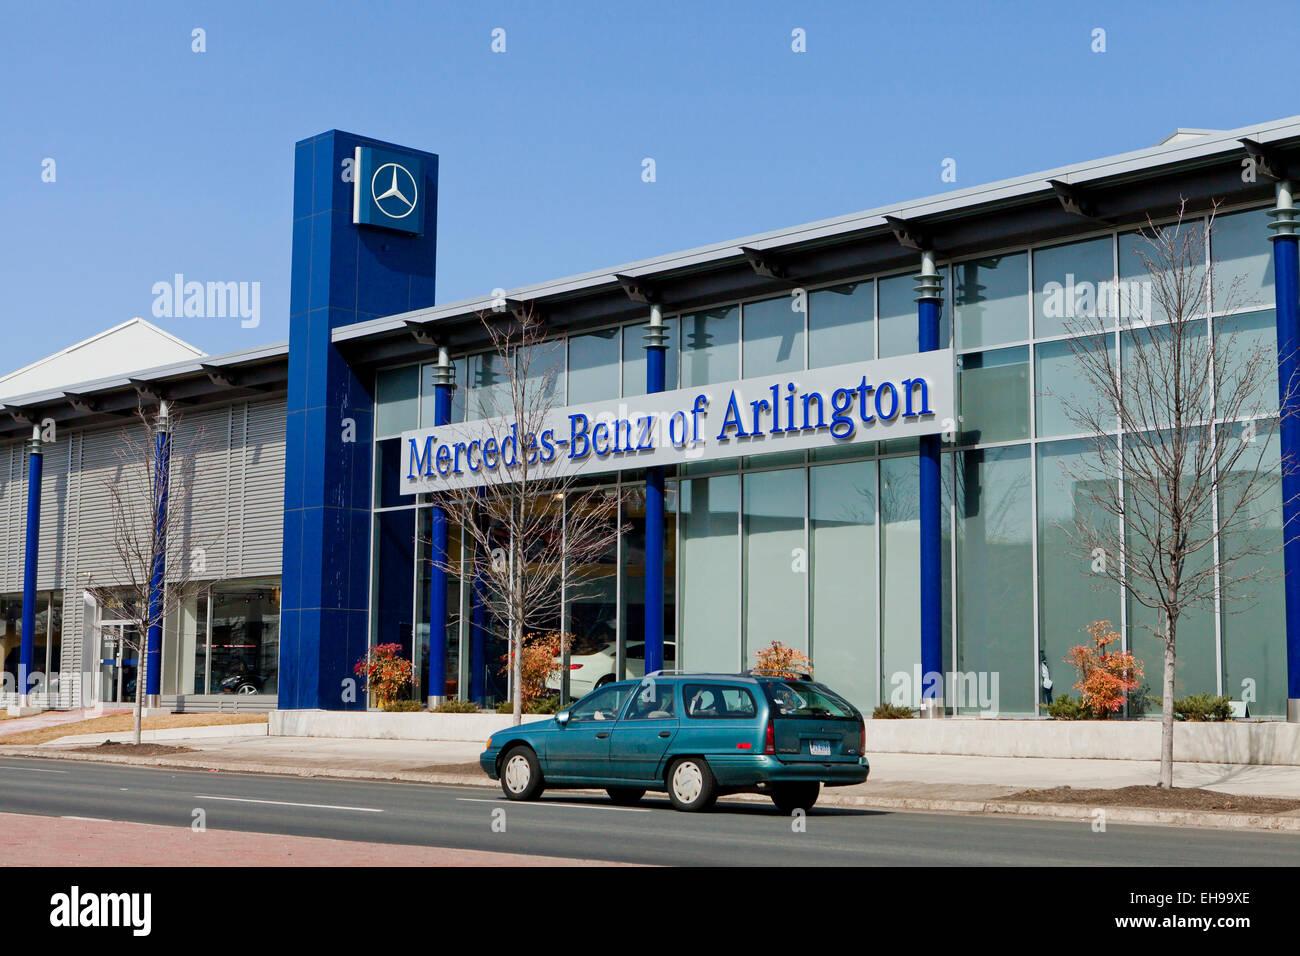 Mercedes-Benz of Arlington car dealership entrance - Virginia USA - Stock Image